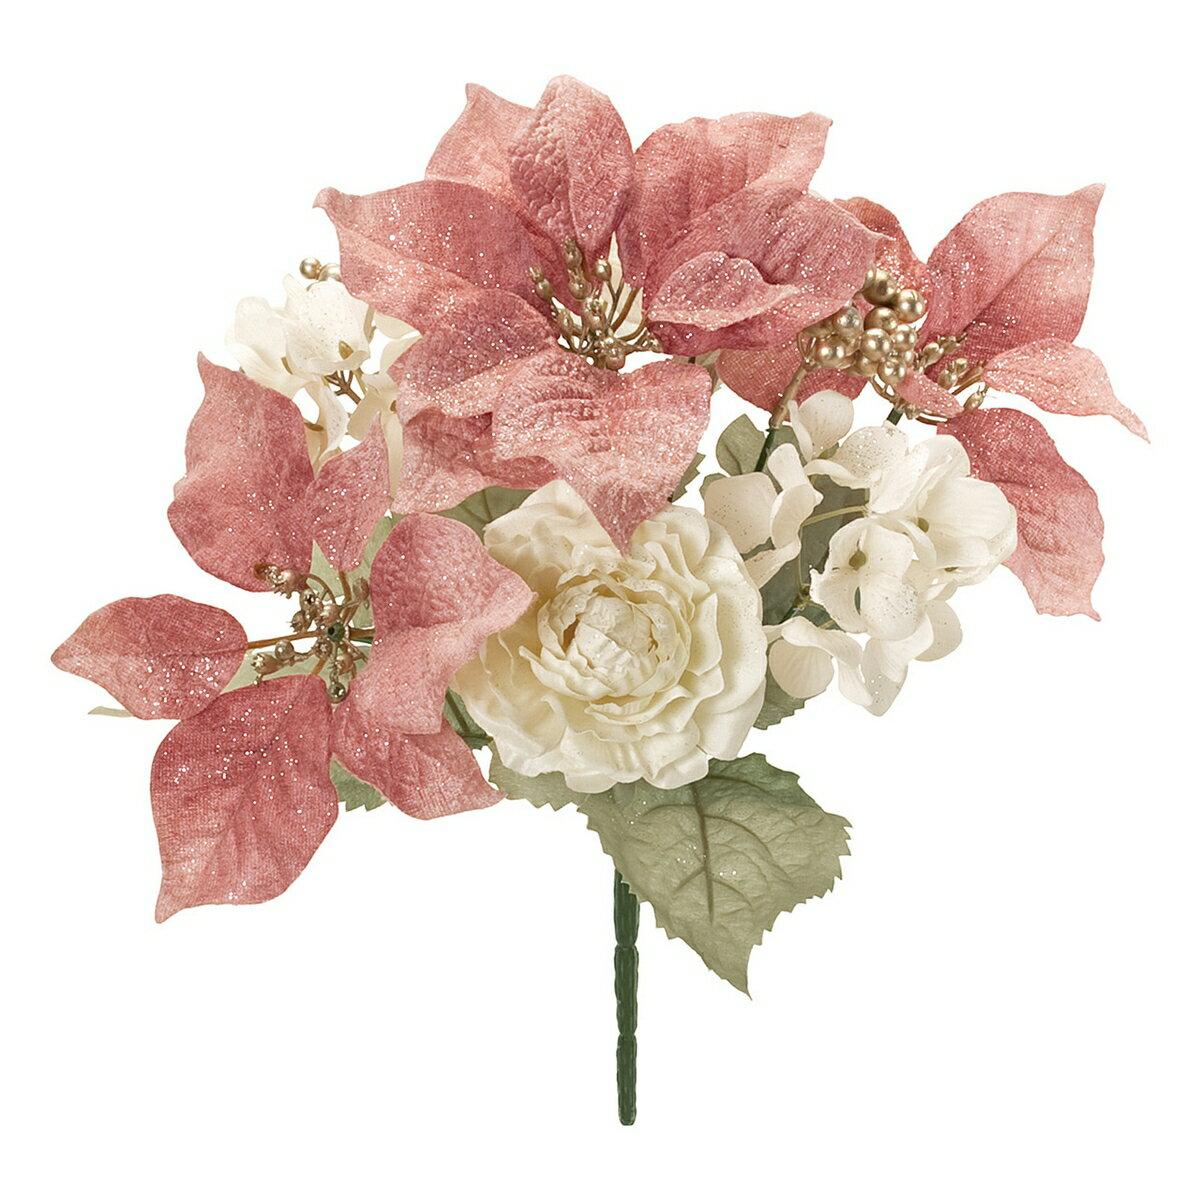 【造花】東京堂(MAGIQ)/フェミールポインミックスブッシュ #42 MAUVE/FX001532-042【01】【取寄】《 造花(アーティフィシャルフラワー) 造花 花材「は行」 ポインセチア 》